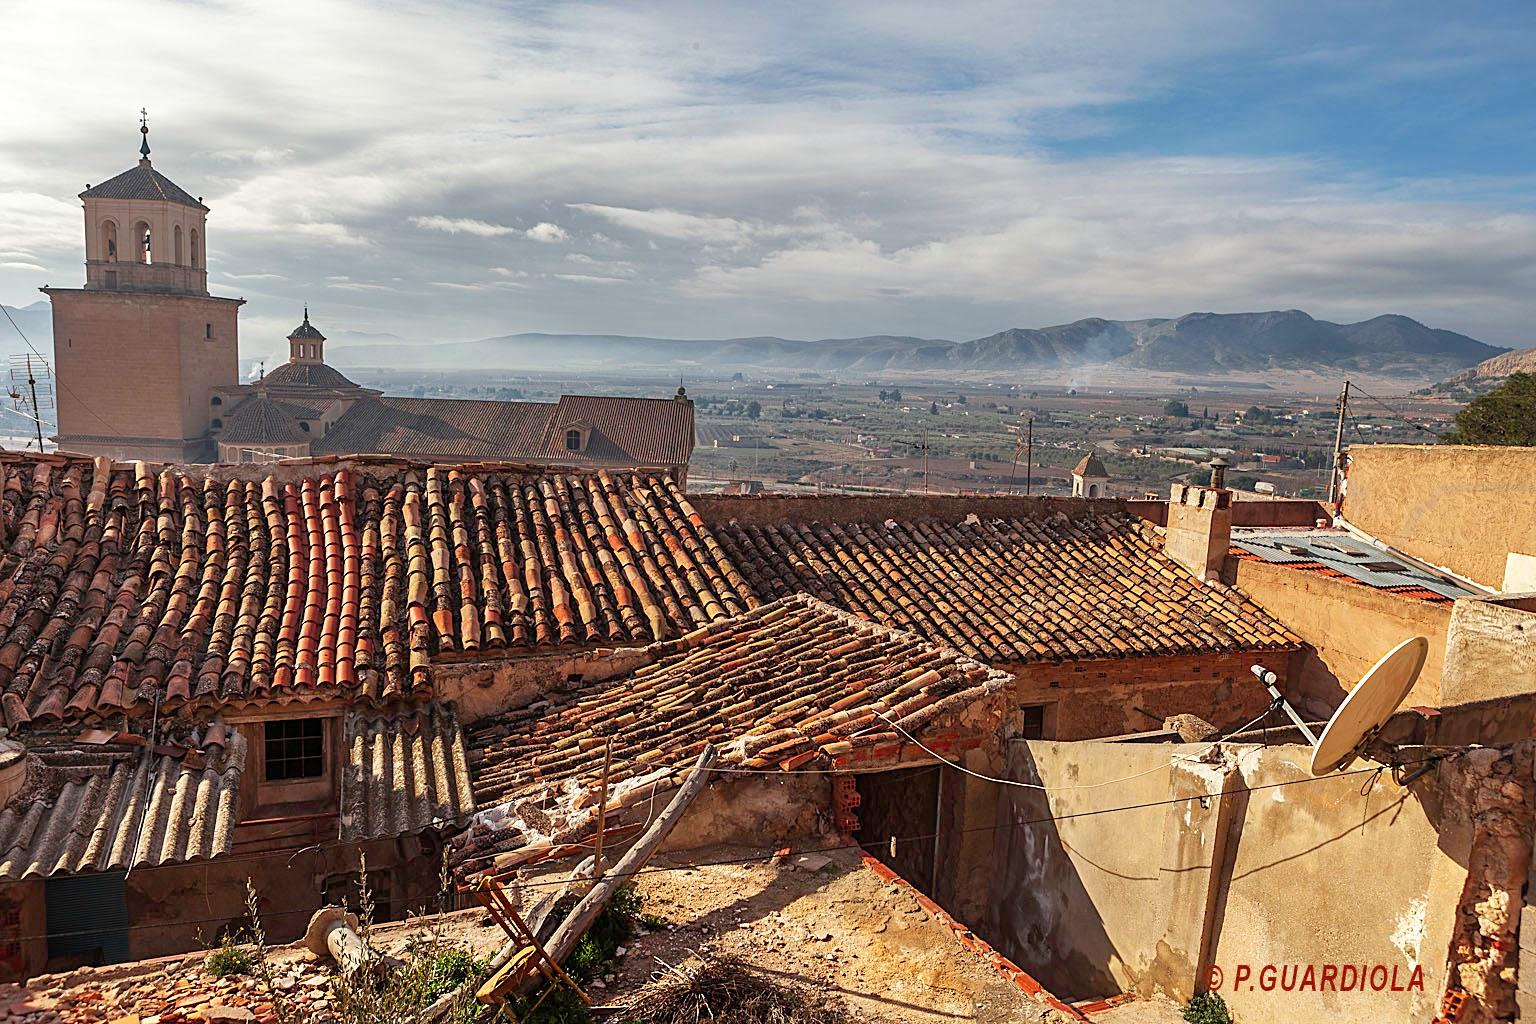 La silueta de la iglesia se alza sobre las casas derruidas